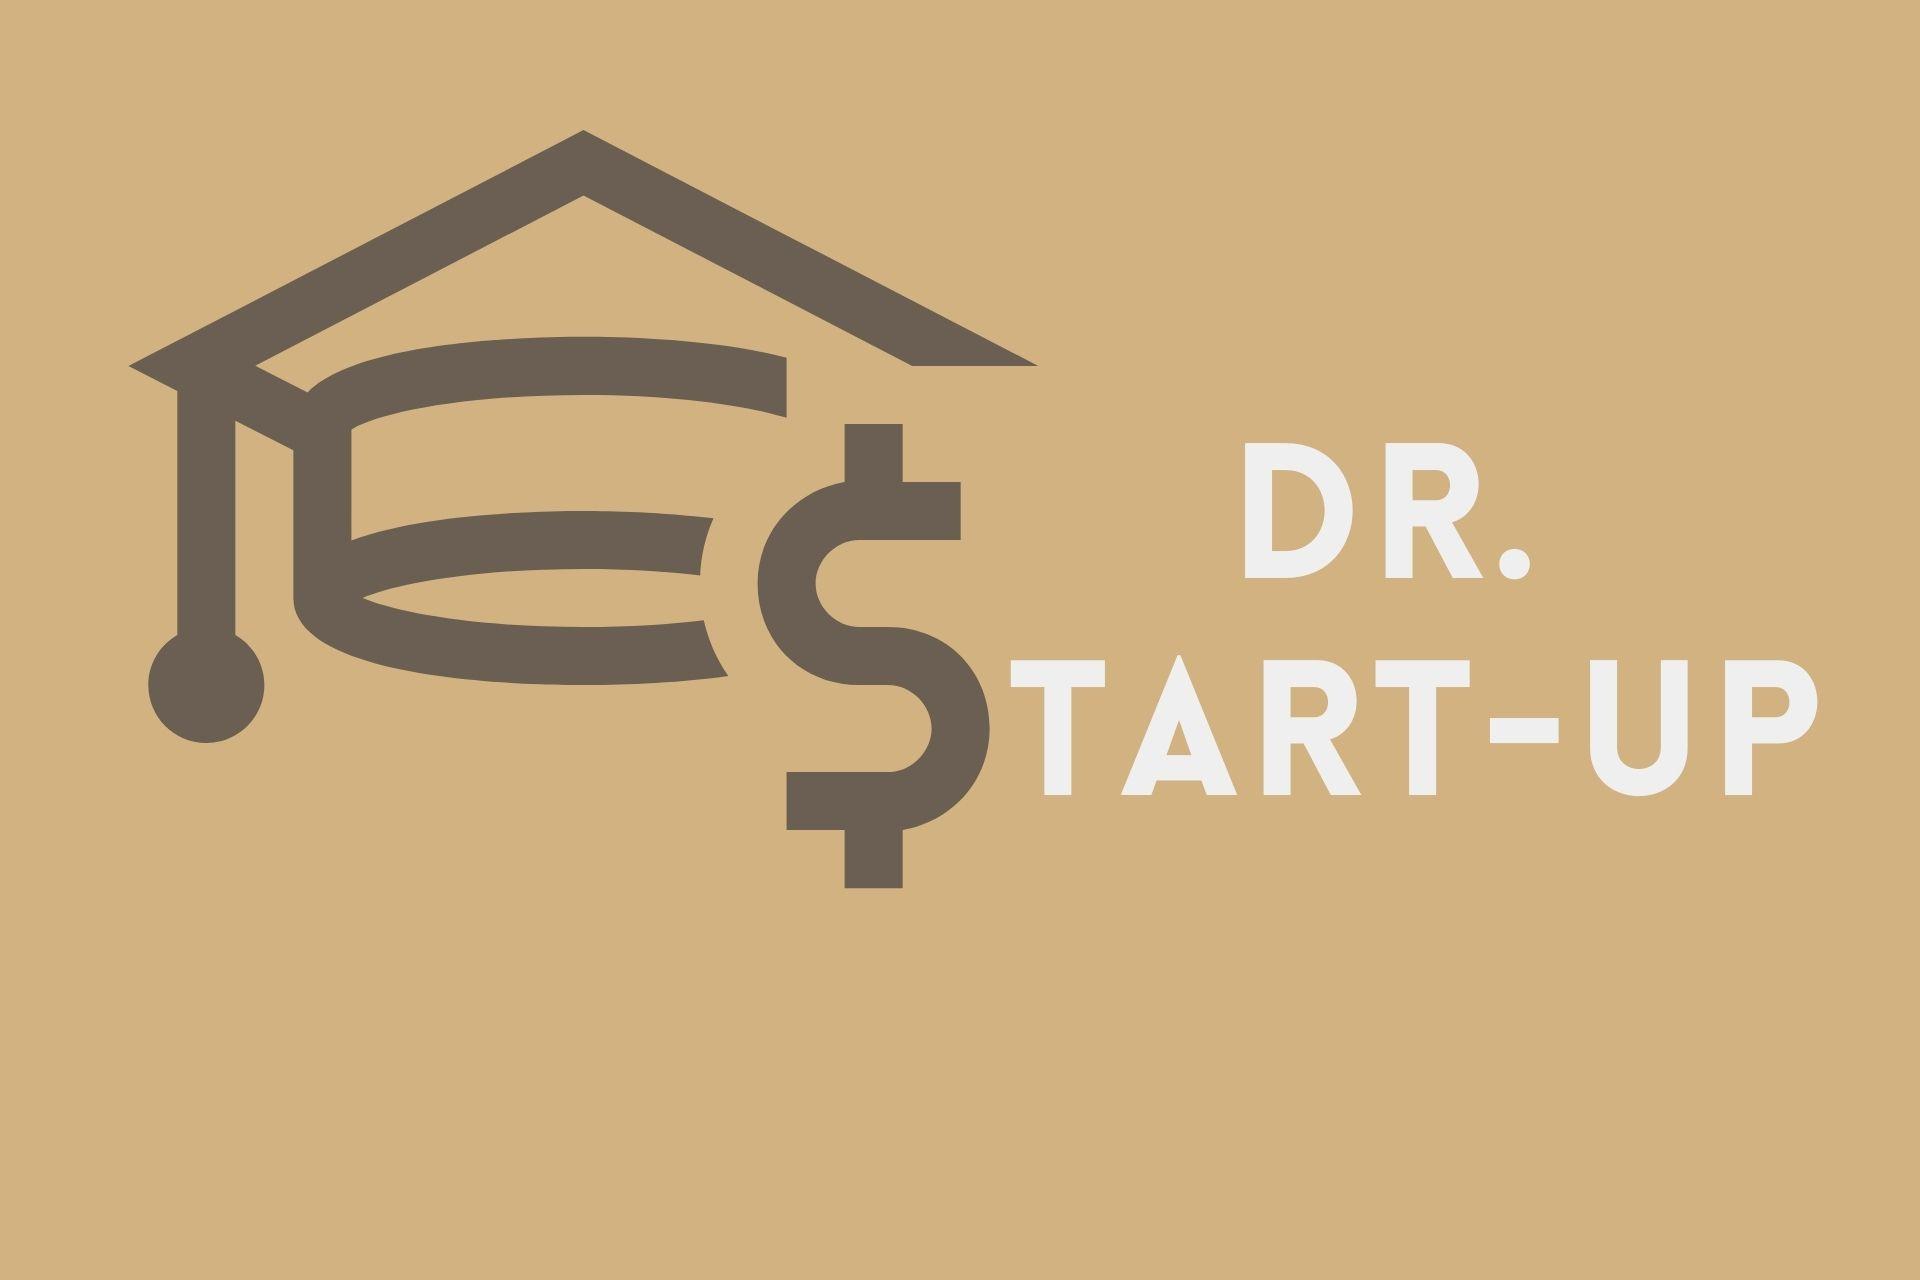 Dr. Start-up